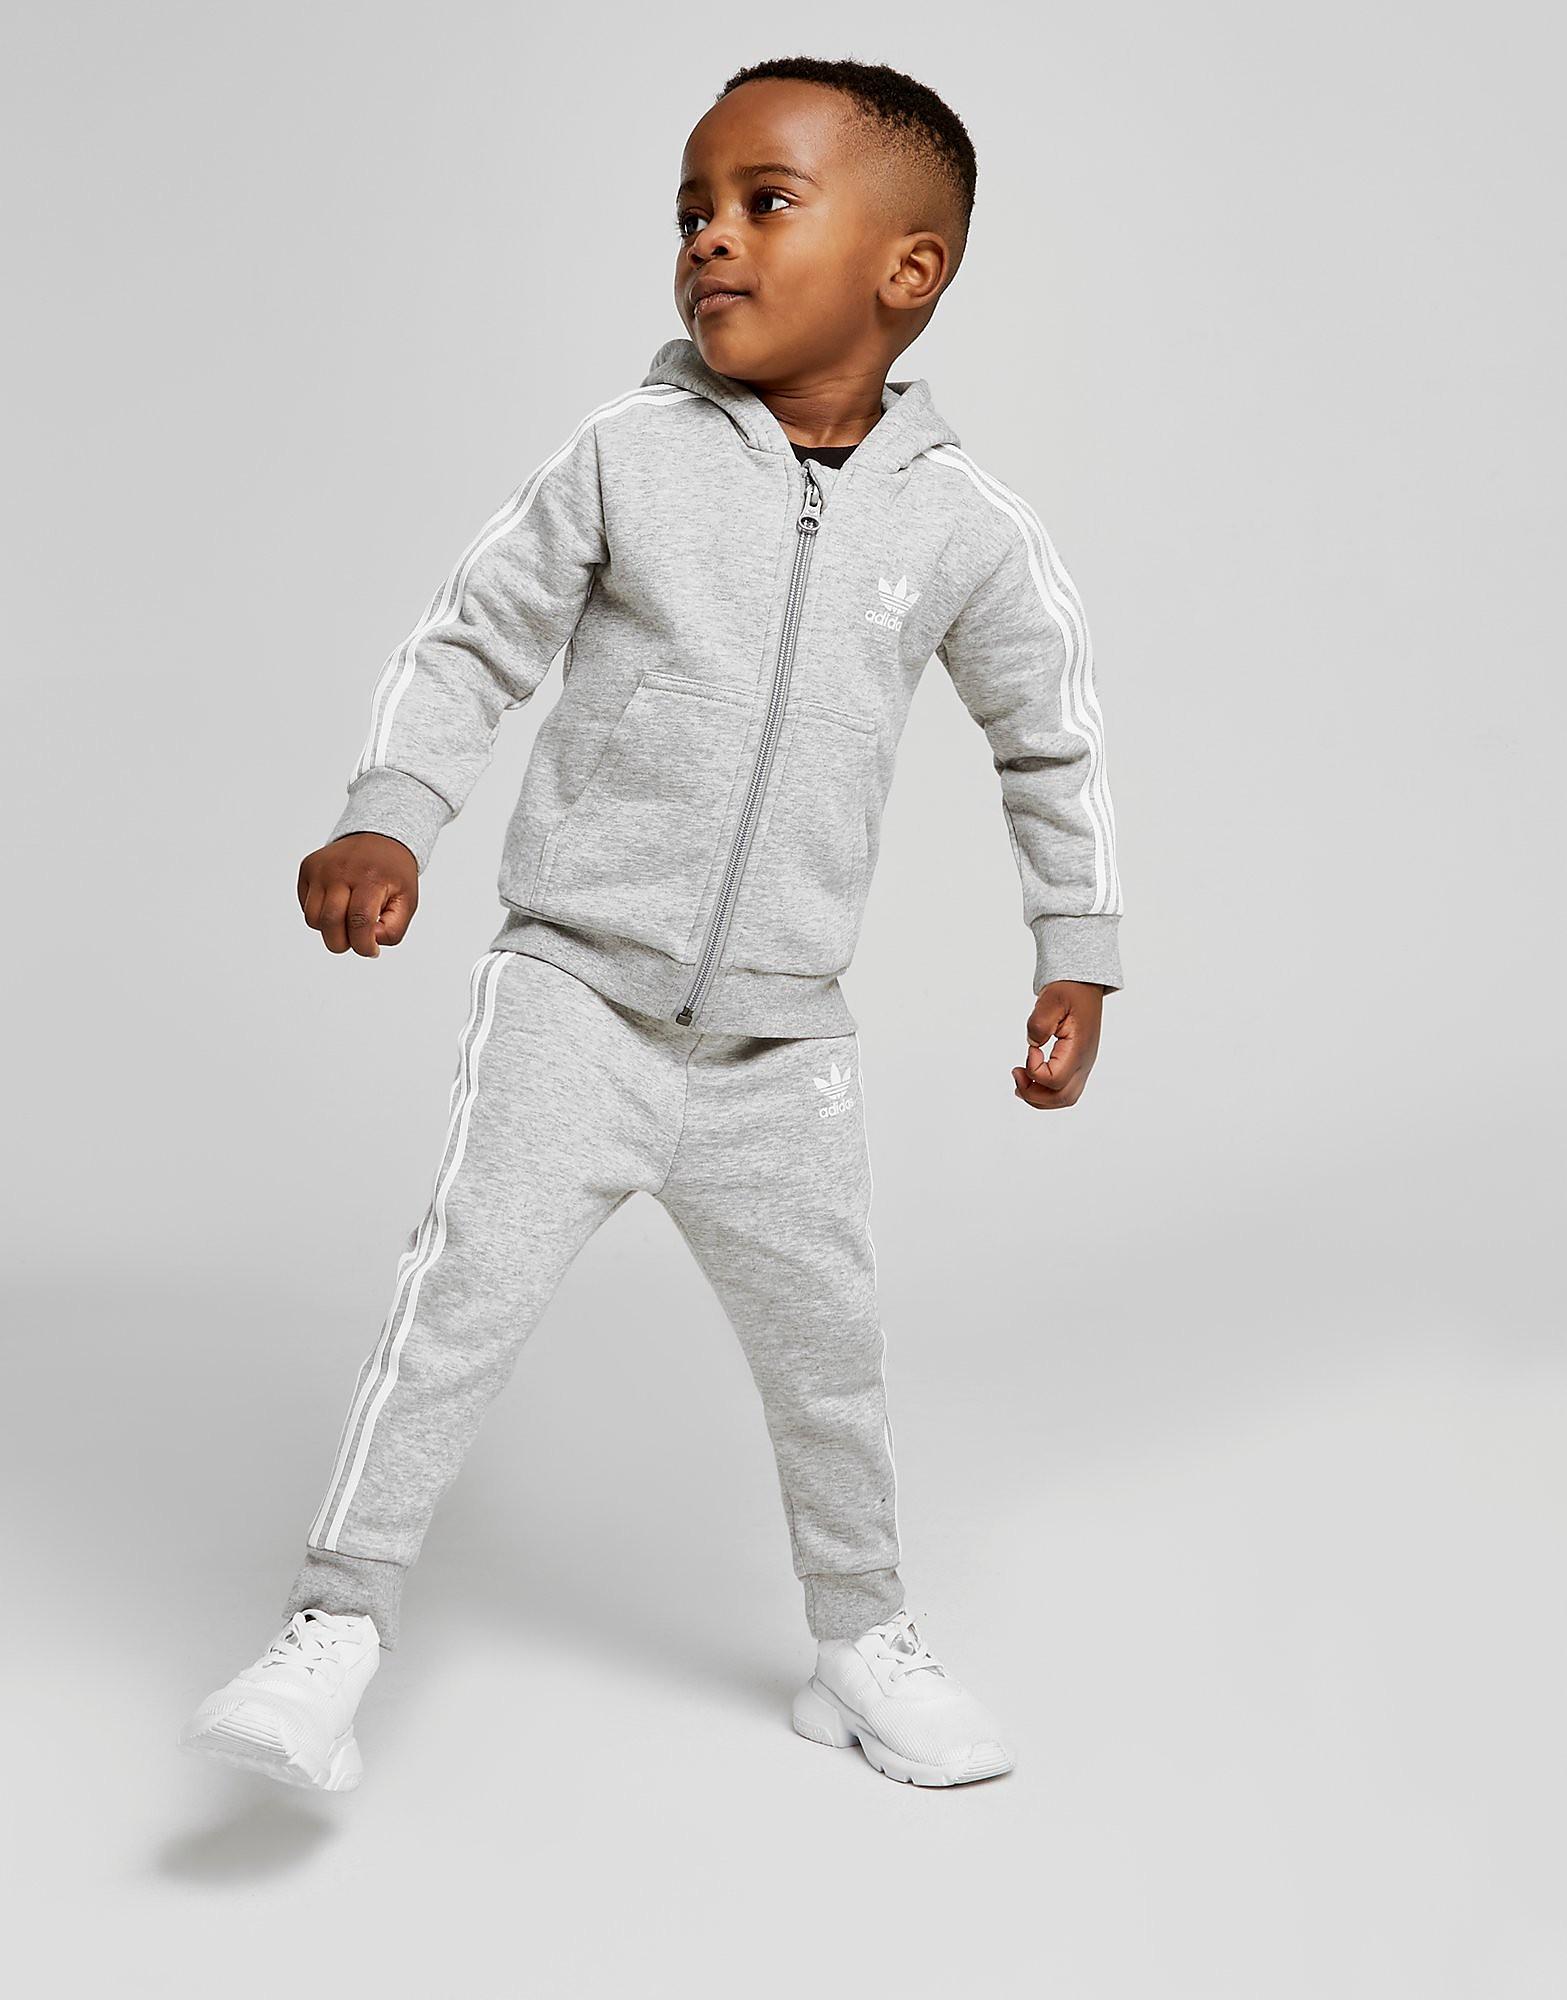 adidas Originals Full Zip Suit Baby's - Grijs - Kind